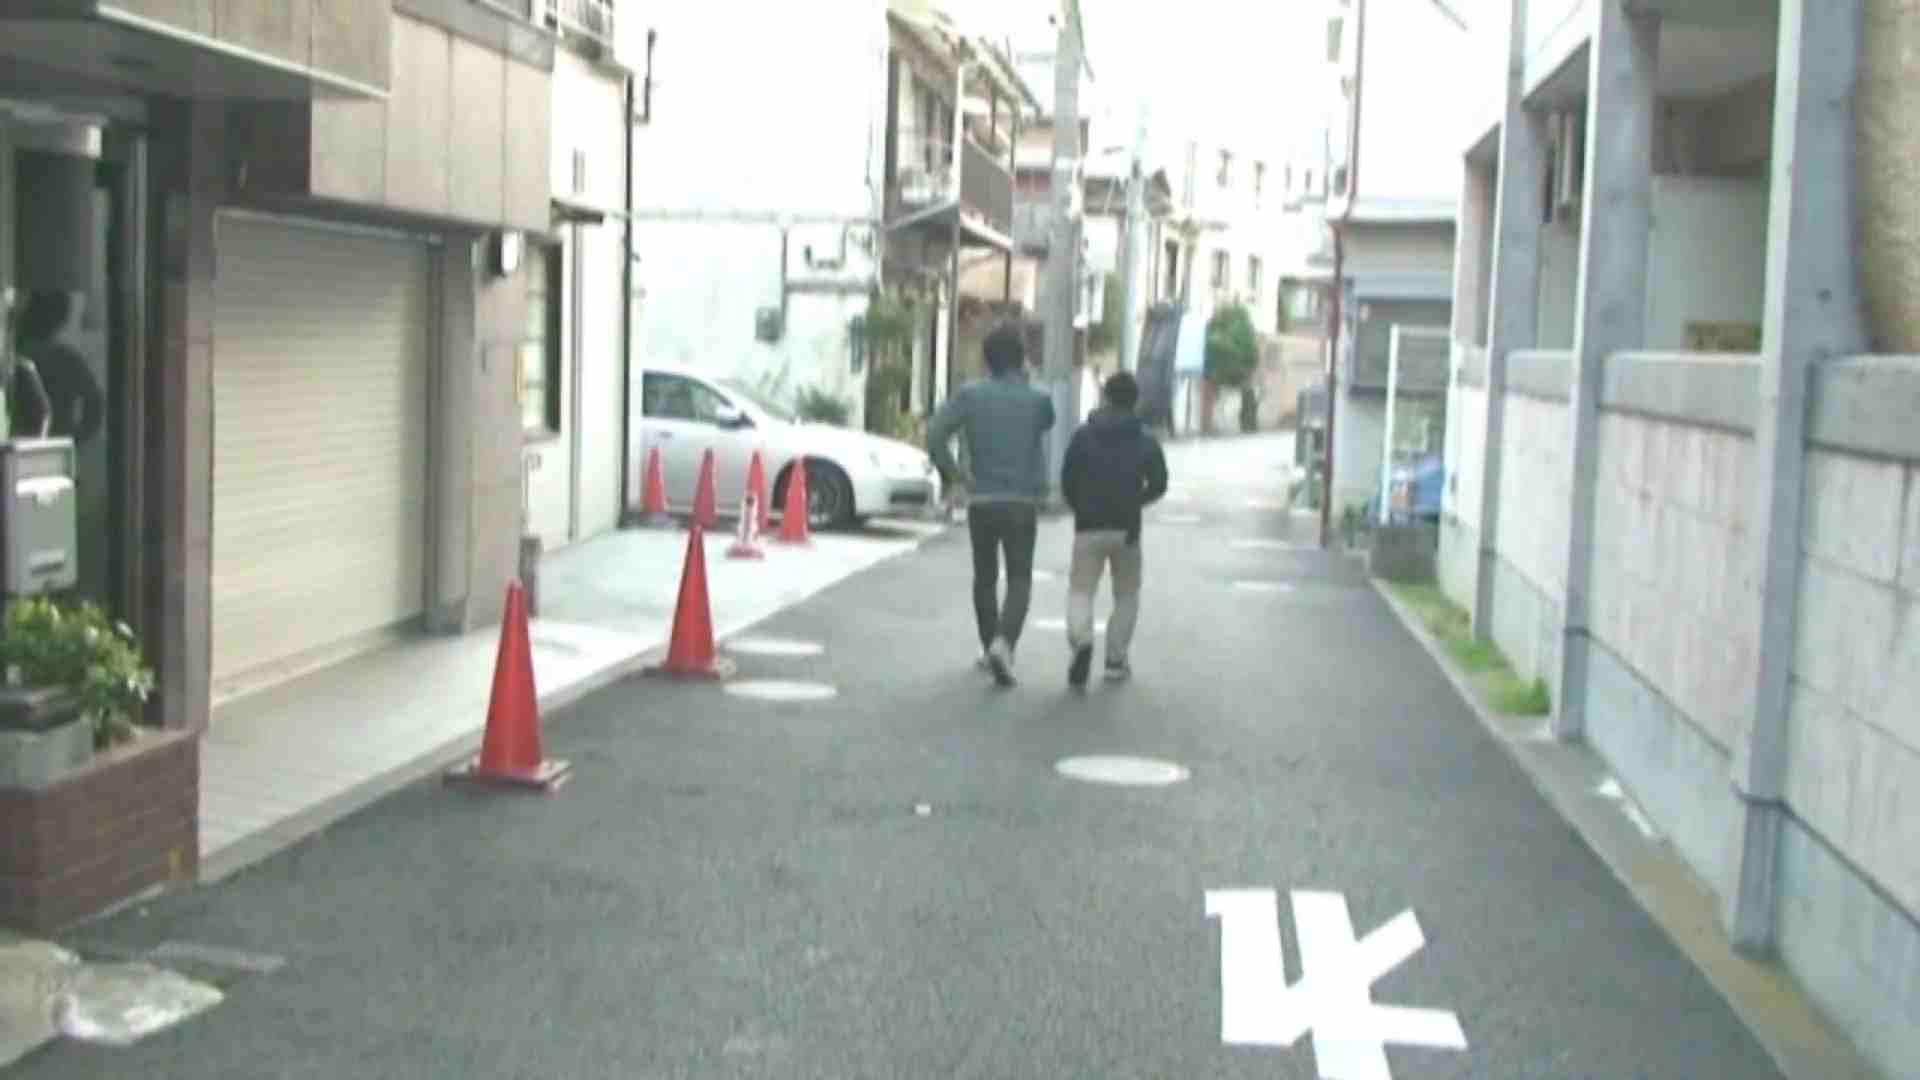 兄弟のように愛し合う Vol.01 フェラ ゲイエロビデオ画像 77枚 19